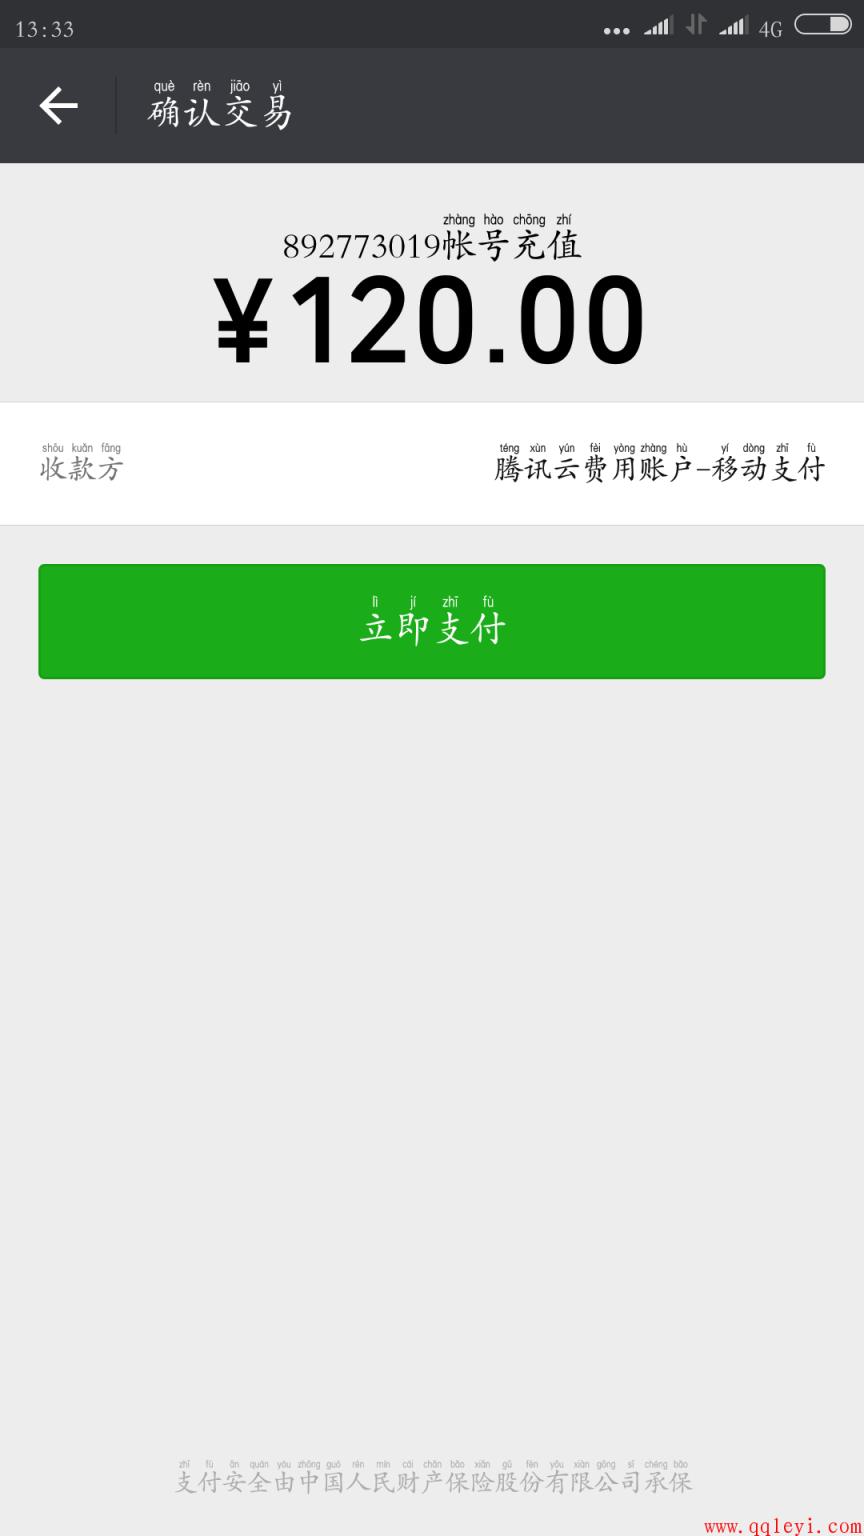 Screenshot_2018-03-07-13-33-59-370_com.tencent.mm.png